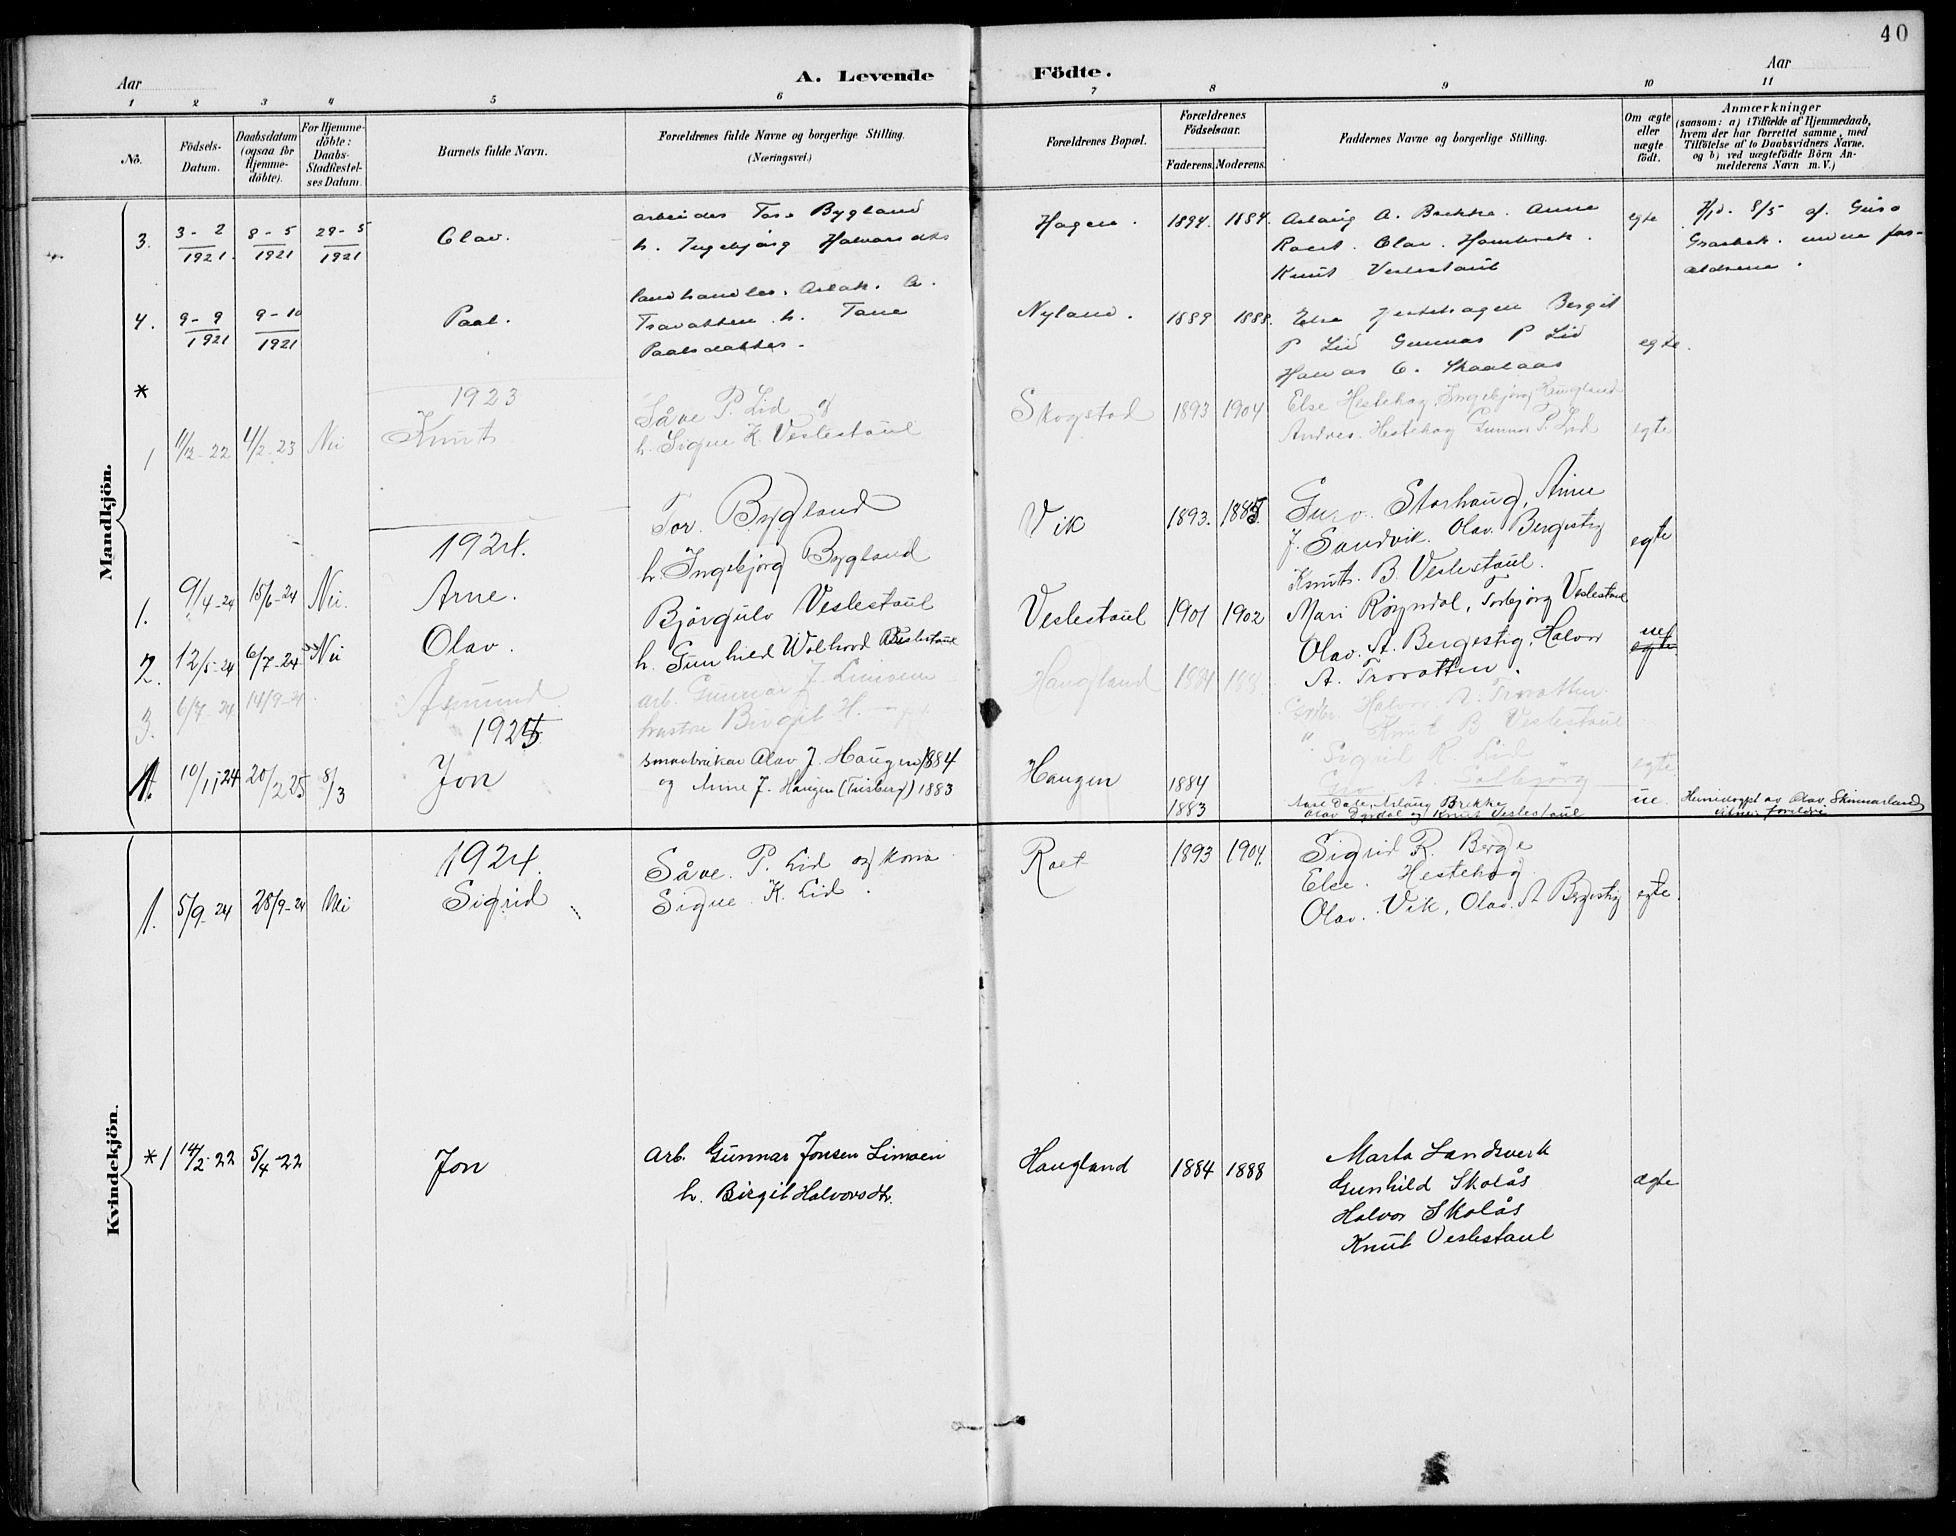 SAKO, Rauland kirkebøker, G/Gb/L0002: Klokkerbok nr. II 2, 1887-1937, s. 40